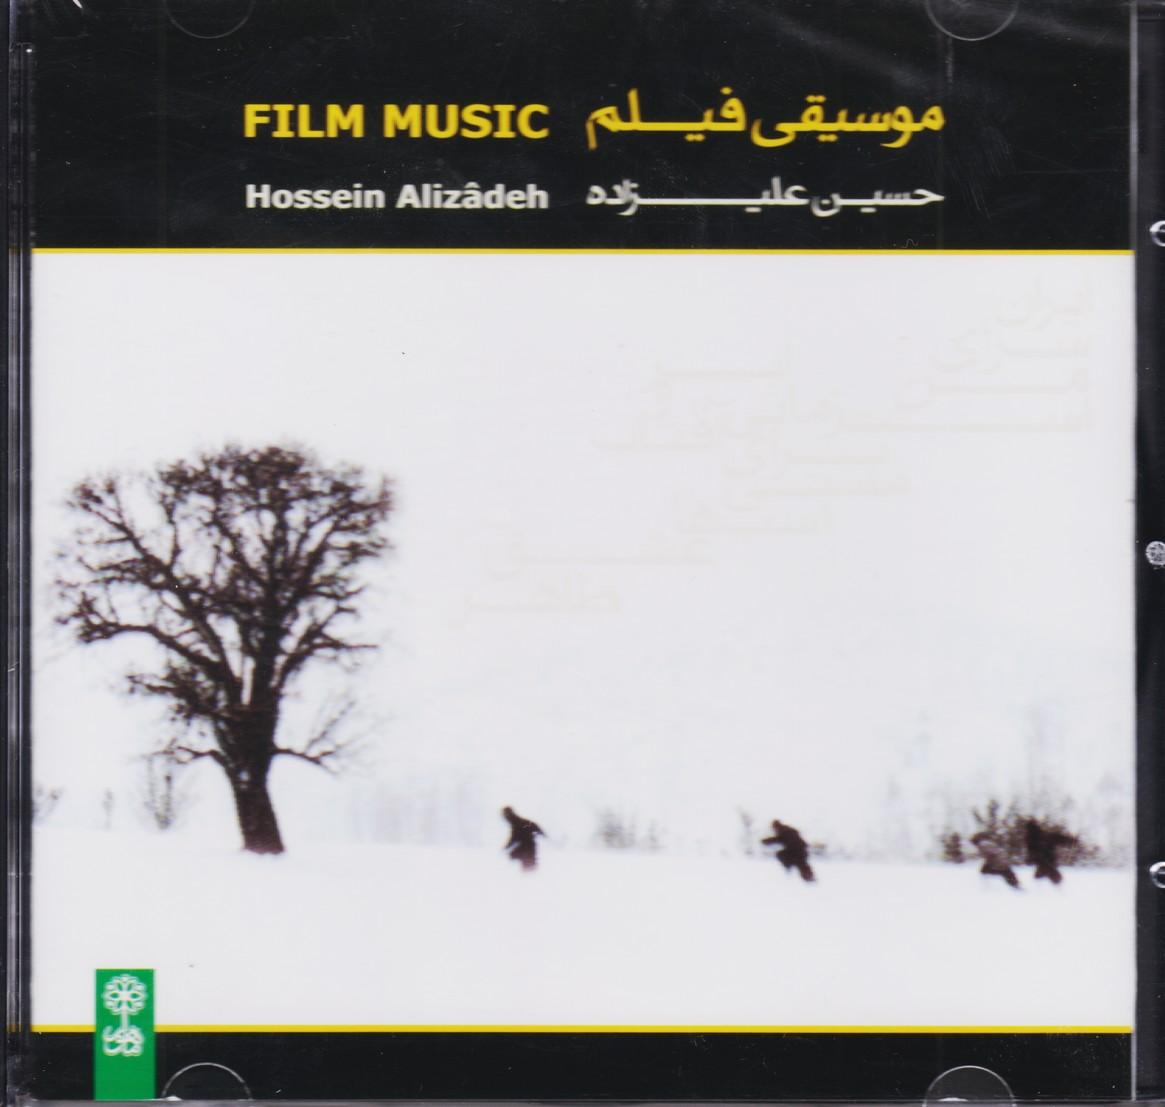 موسیقی فیلم(عشق طاهر.ایران سرای من است.زمانی برای مستی اسب ها.ابر و آفتاب)